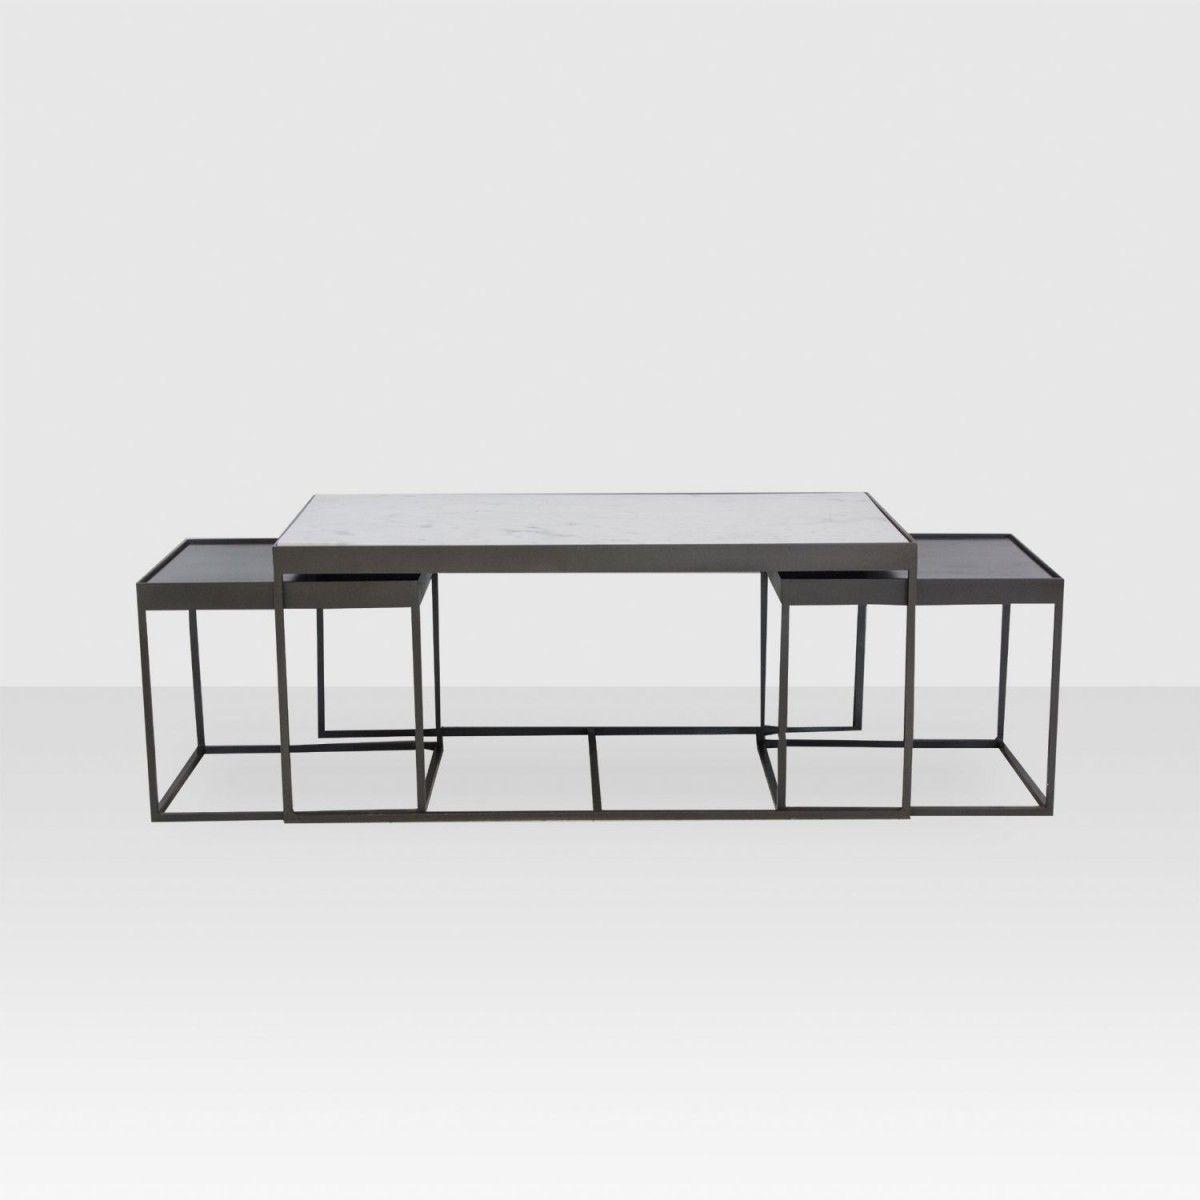 Sebastian Nesting Coffee Table Eltemkt 1215 Nesting Coffee Tables Coffee Table Coffee Table Store [ 1200 x 1200 Pixel ]